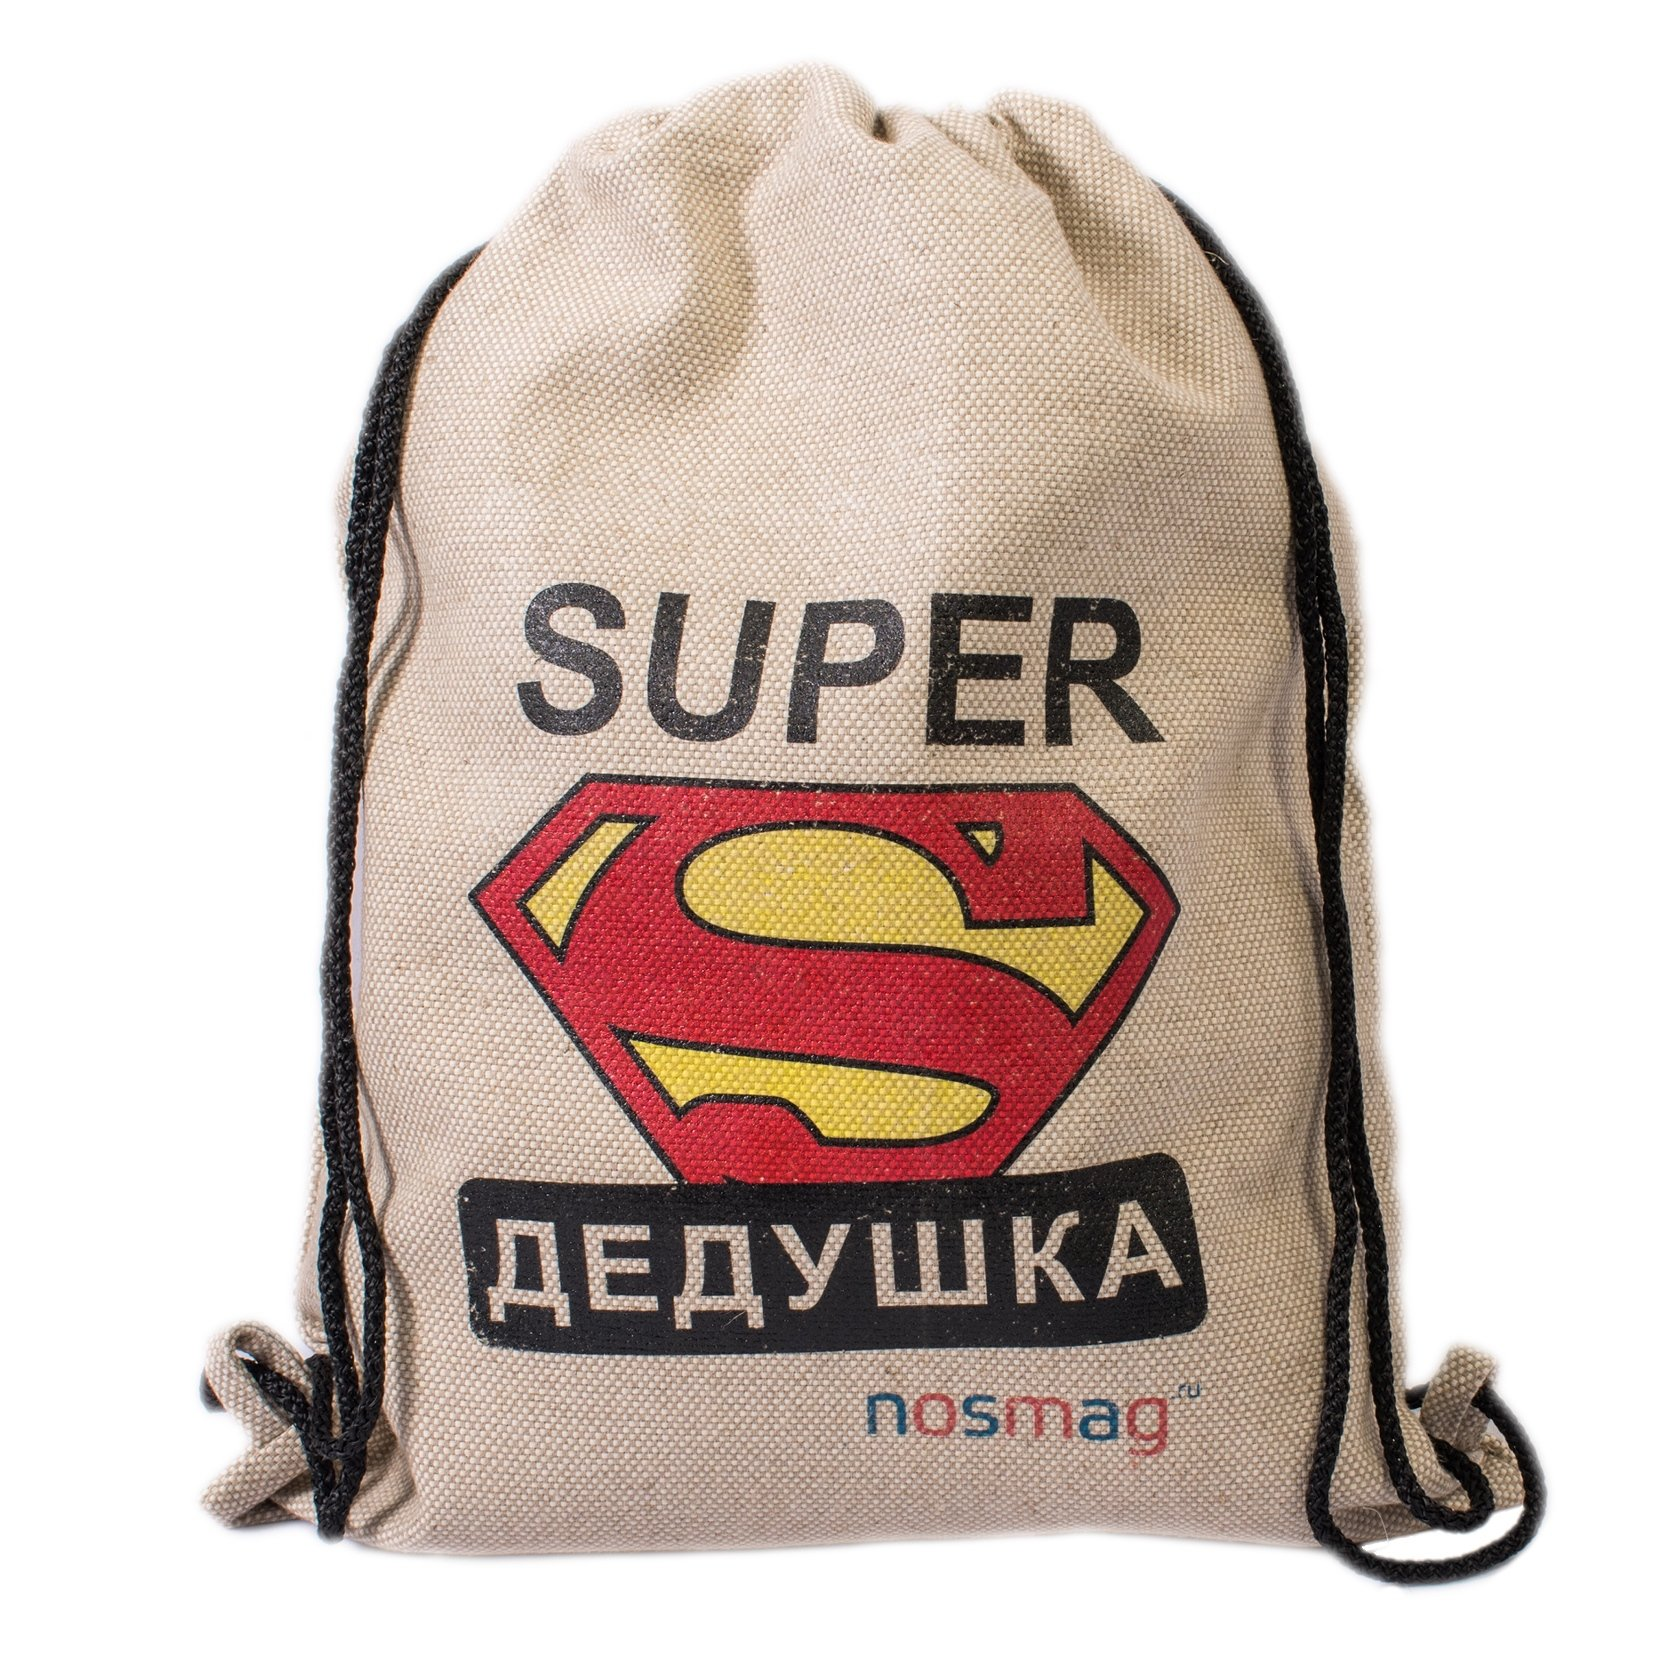 Набор носков «Бизнес» 20 пар в мешке с надписью «SUPER дедушка»